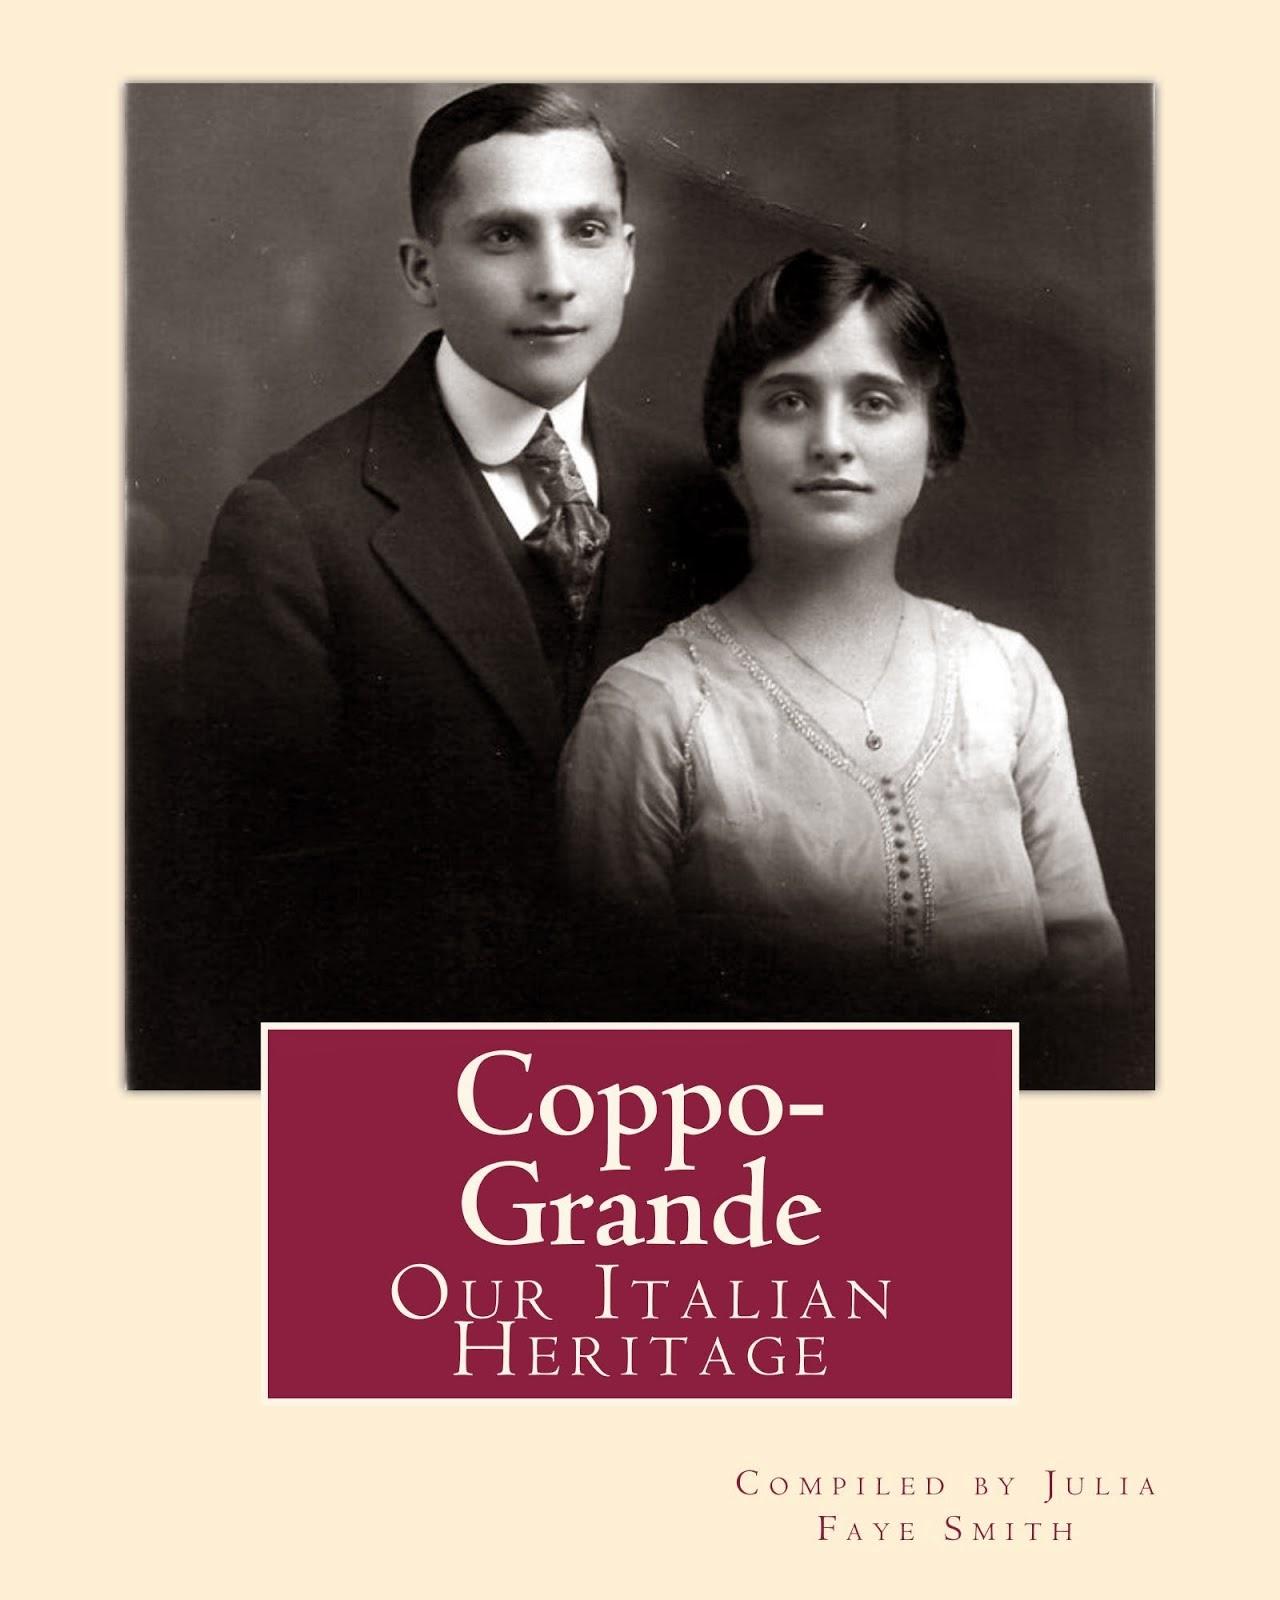 Coppo-Grande